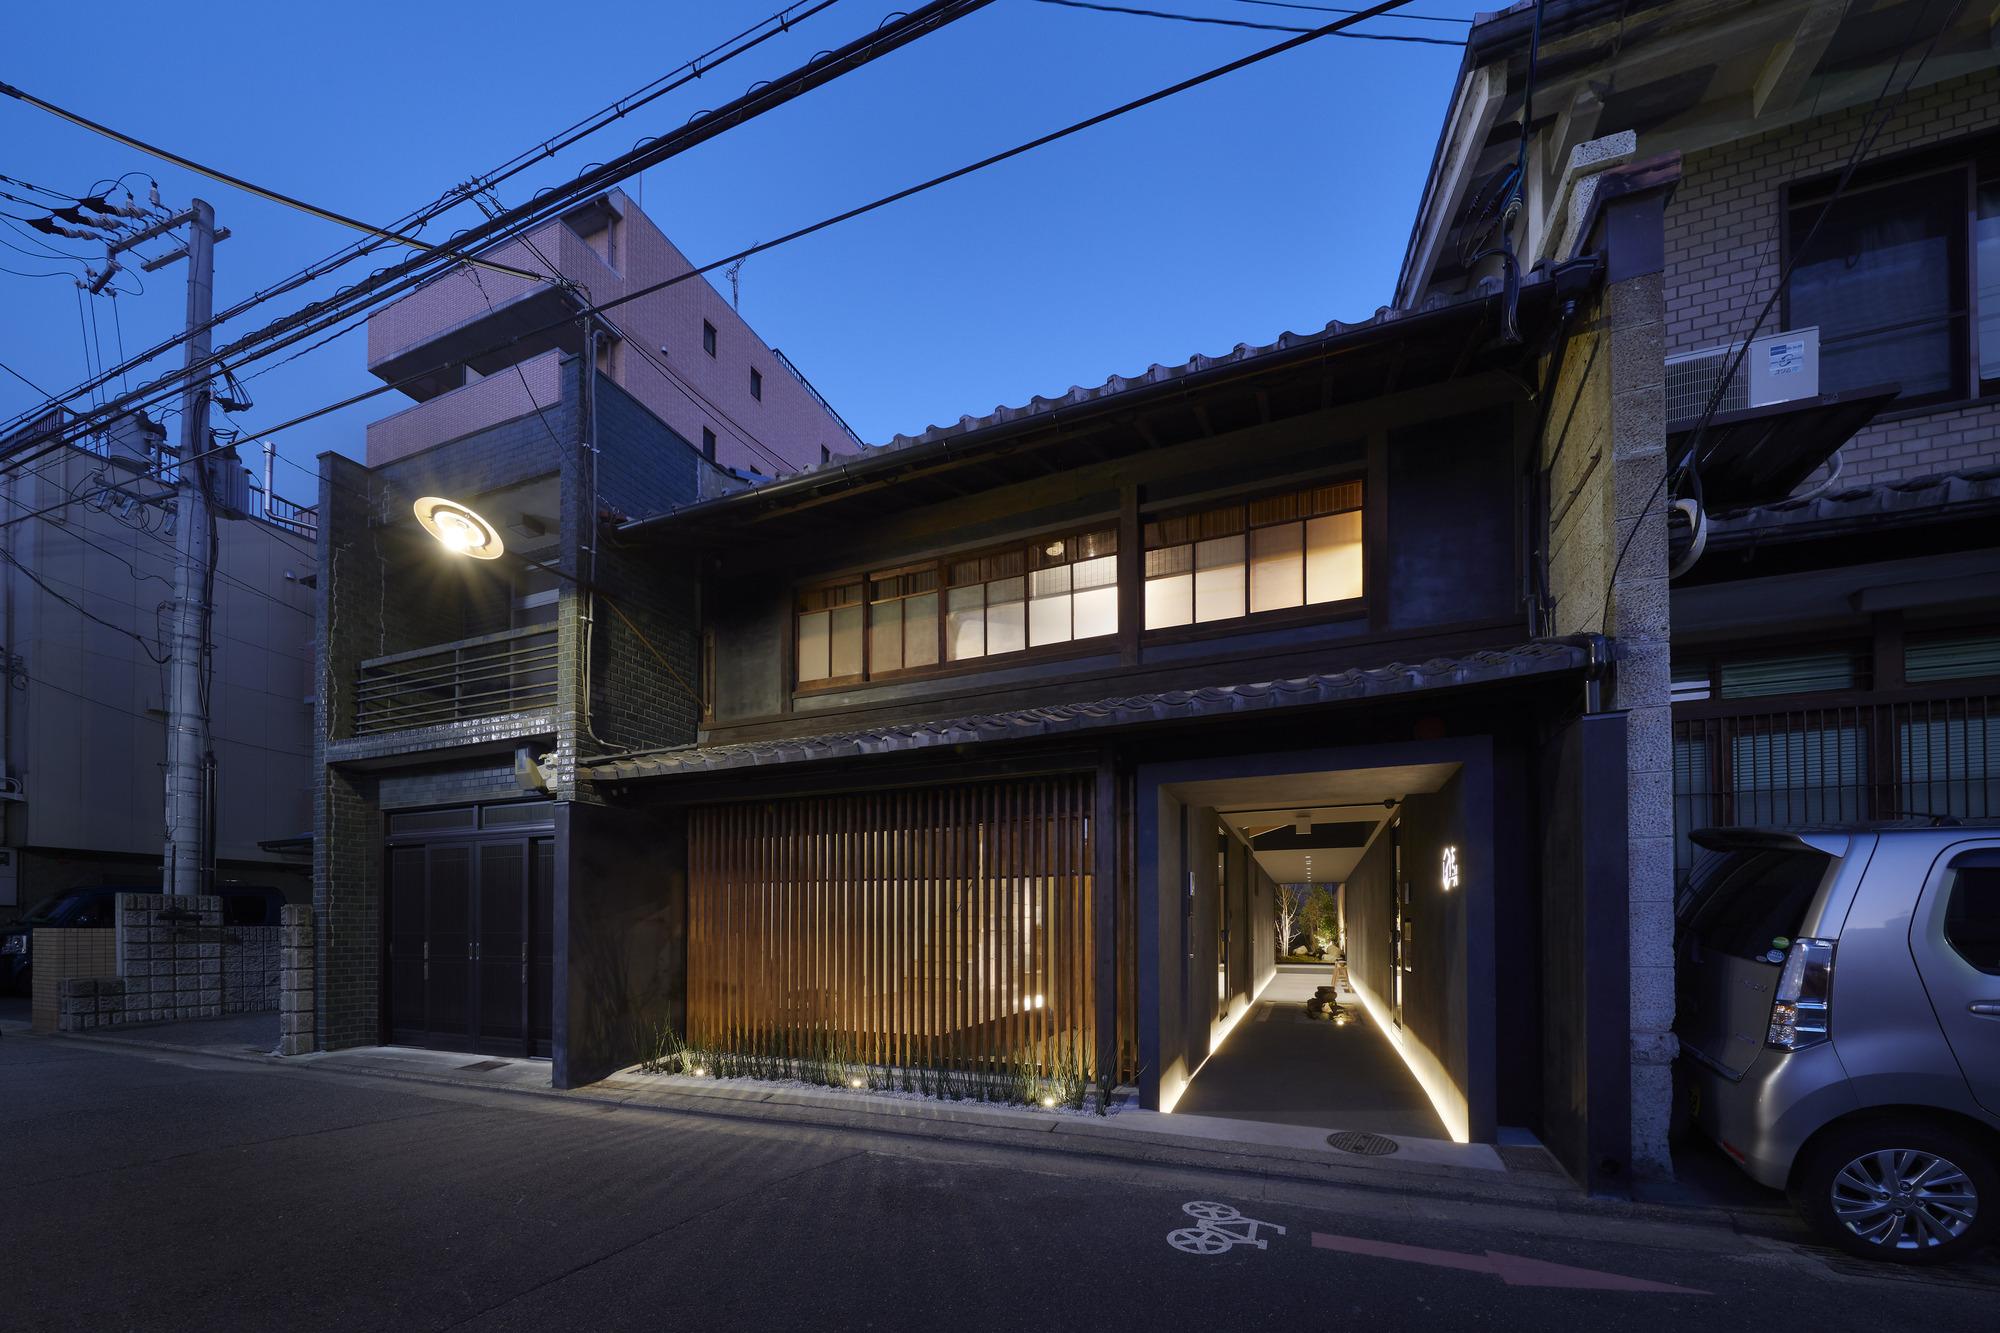 Gallery of Guest House in Kyoto / B.L.U.E. Architecture Design Studio  - 6